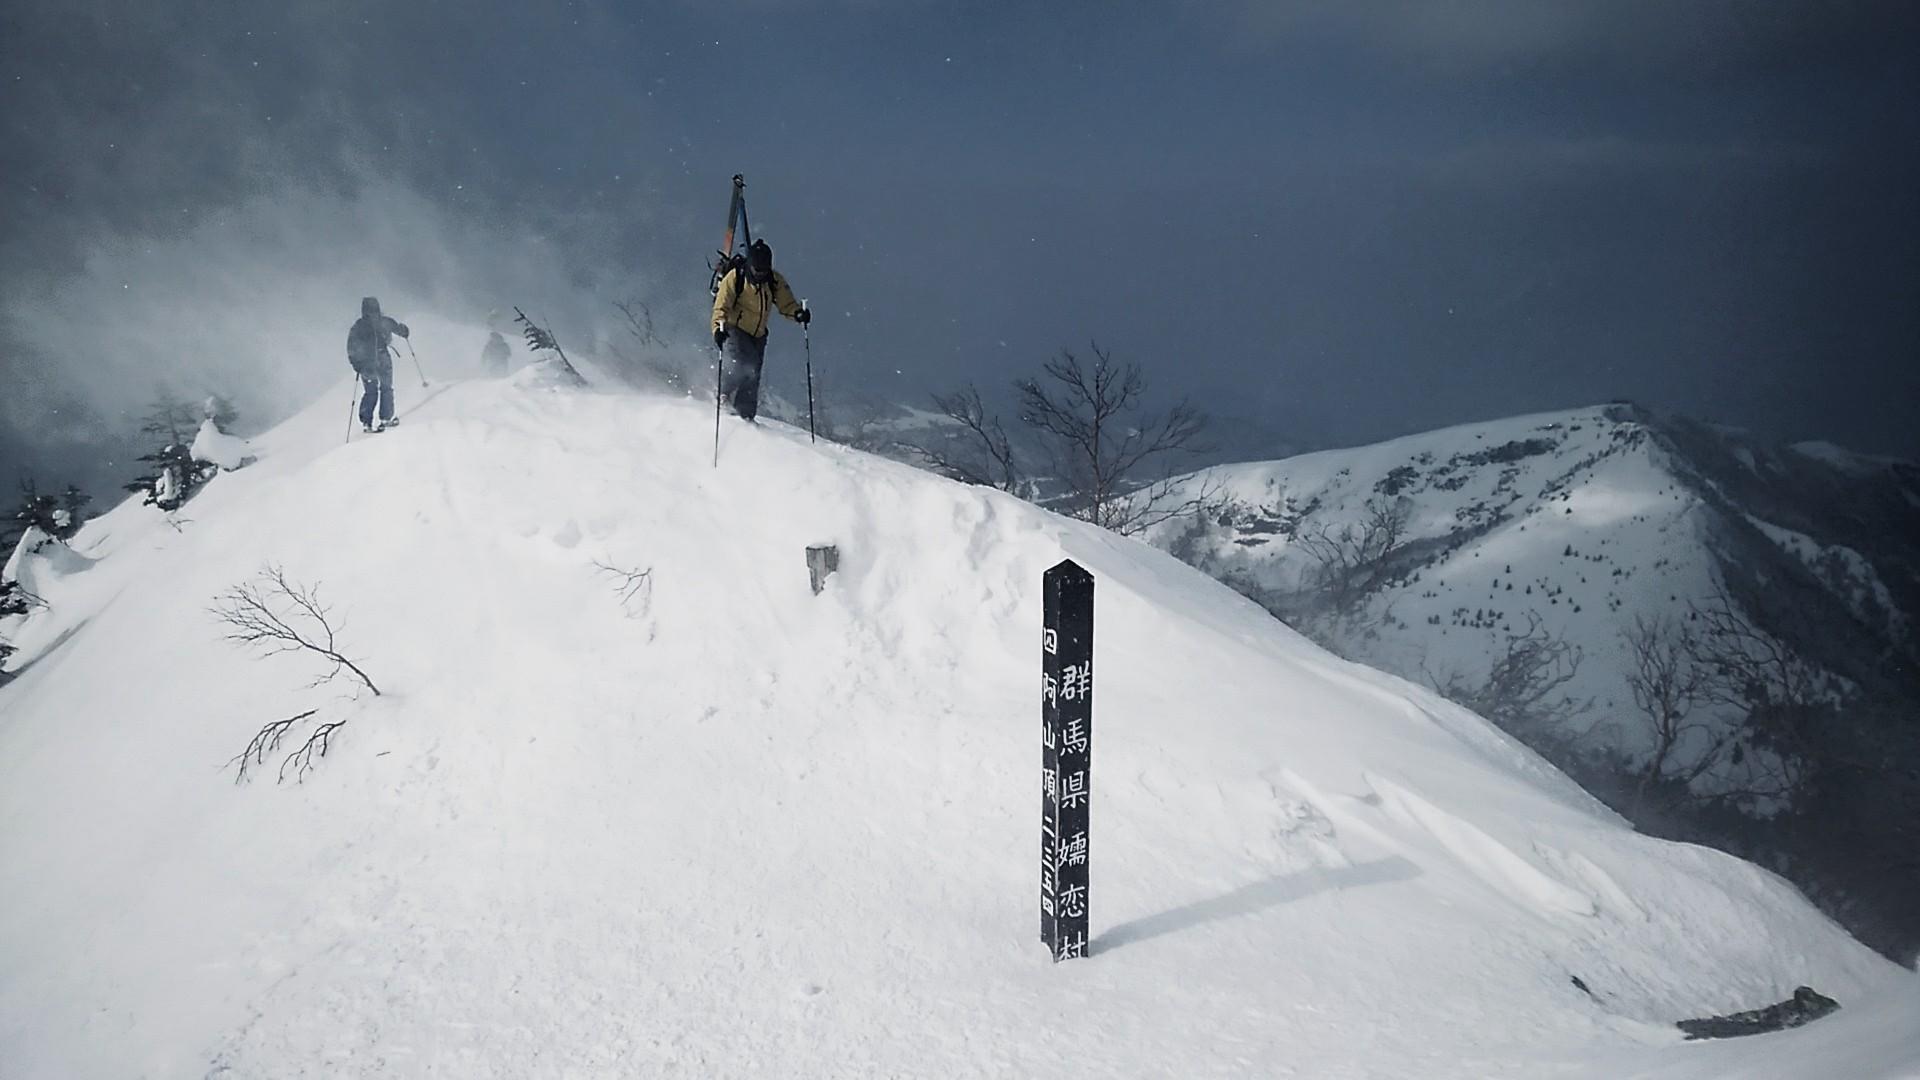 雪の多い地域は山岳スキー(SKIMO)天国だ